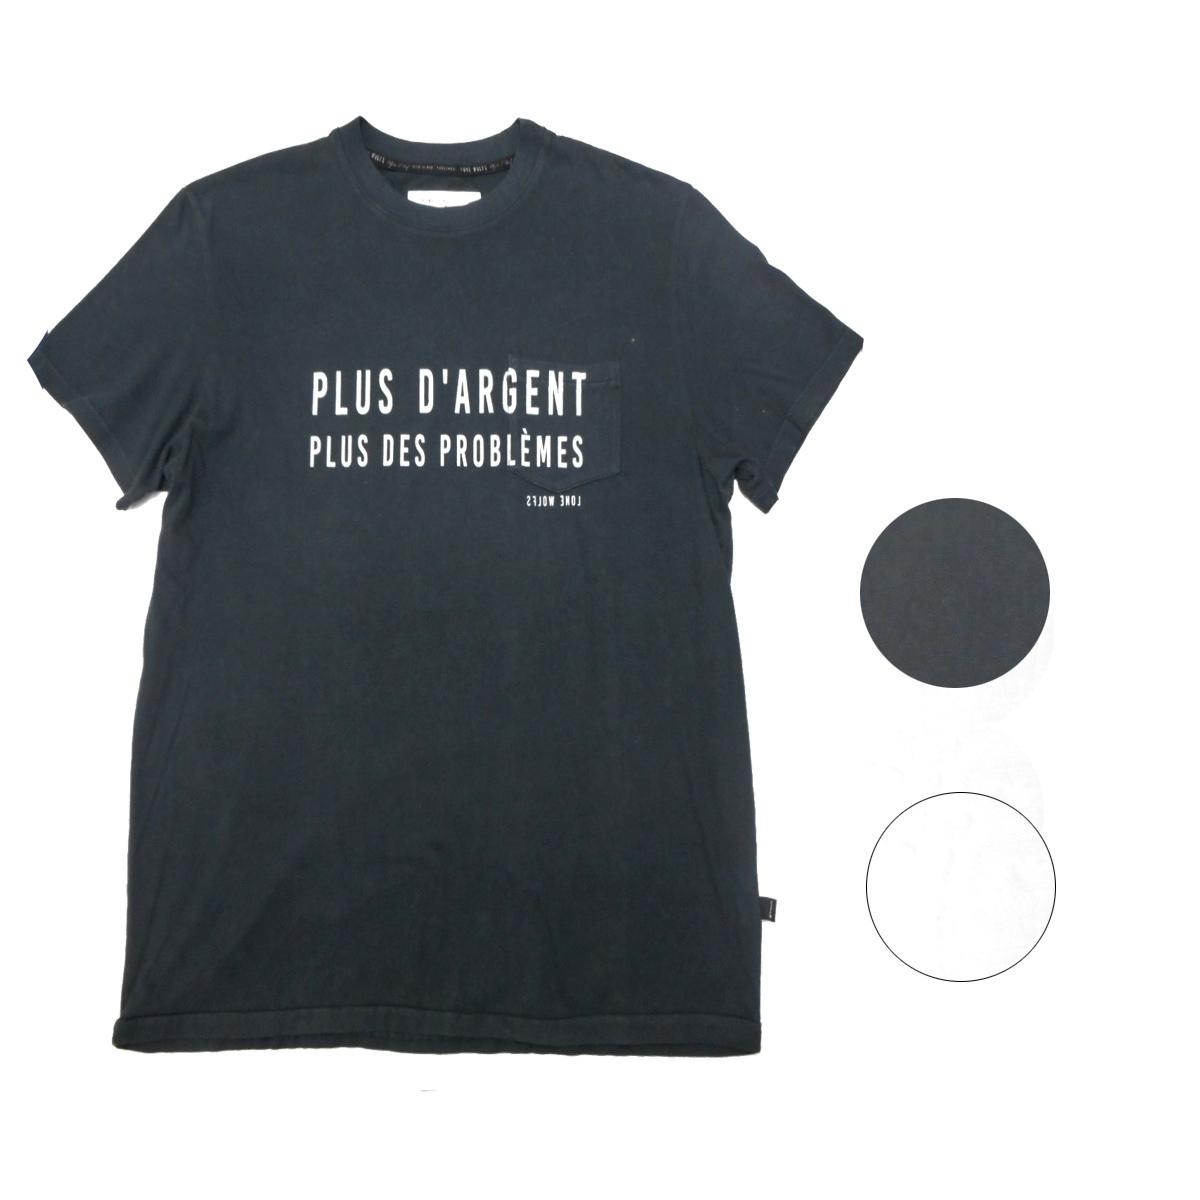 画像1: 【10%OFF】LONE WOLFS ローンウルフズ プリントTシャツ 全2色 メンズ/レディース (1)